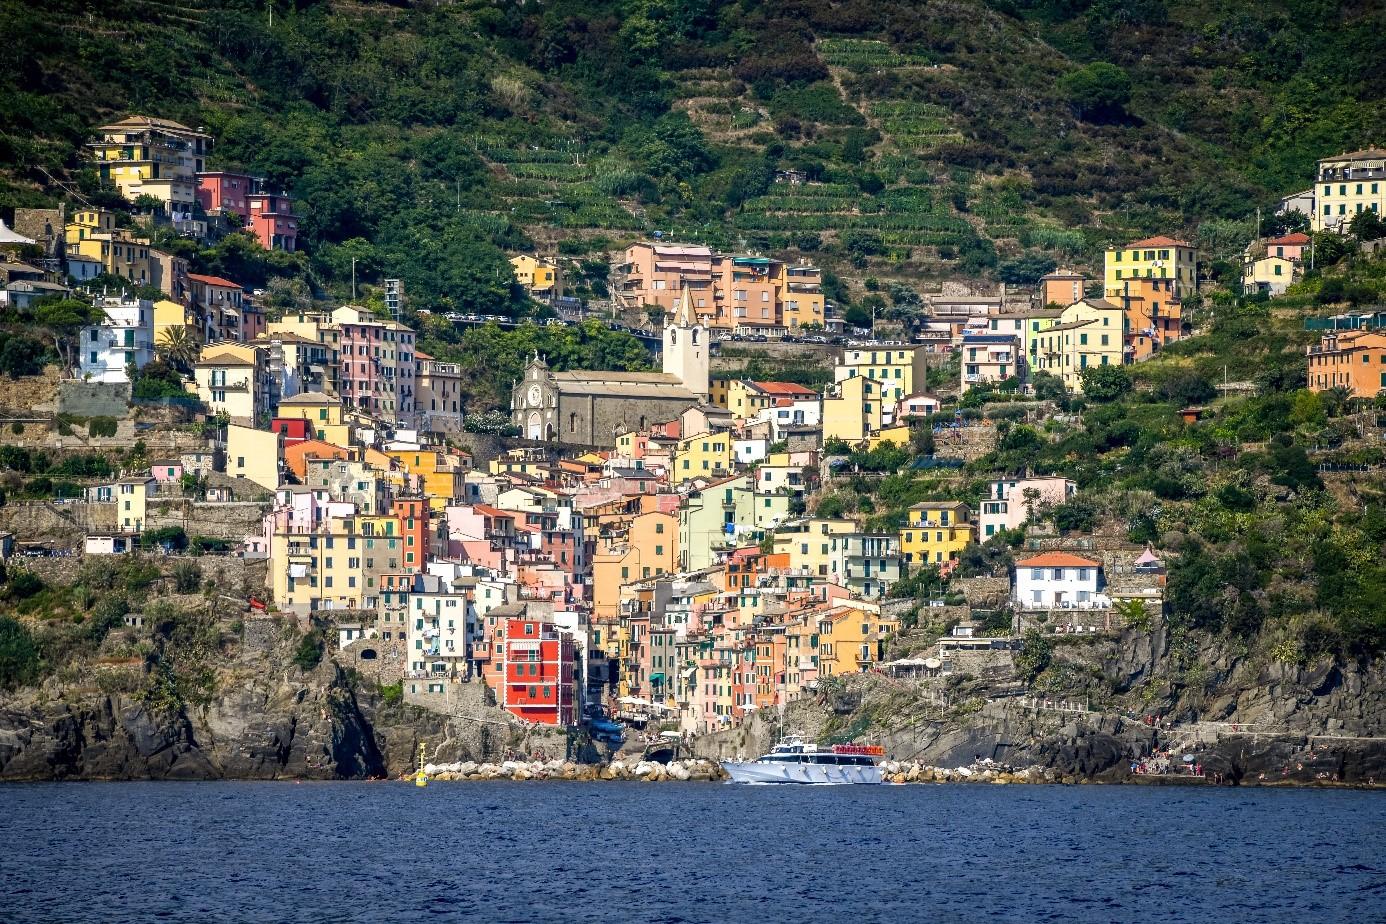 Cinq terre Riomaggiore